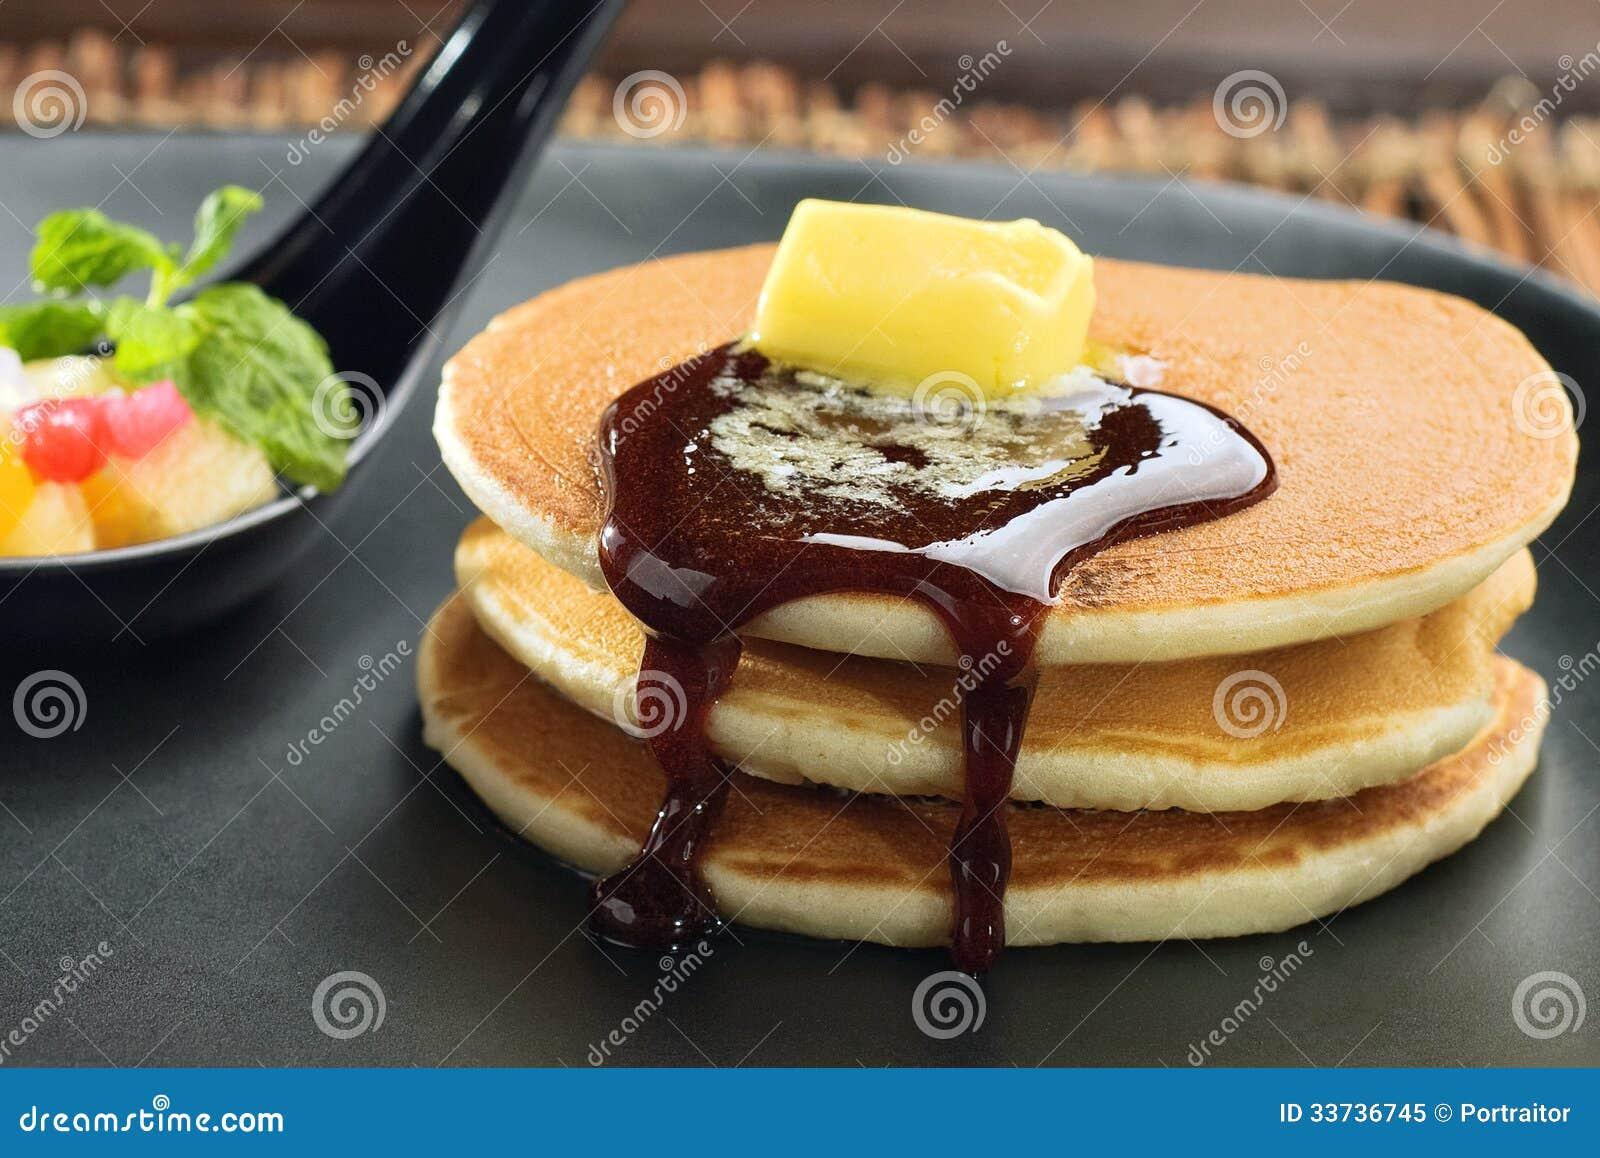 Блинчик с медом и маслом